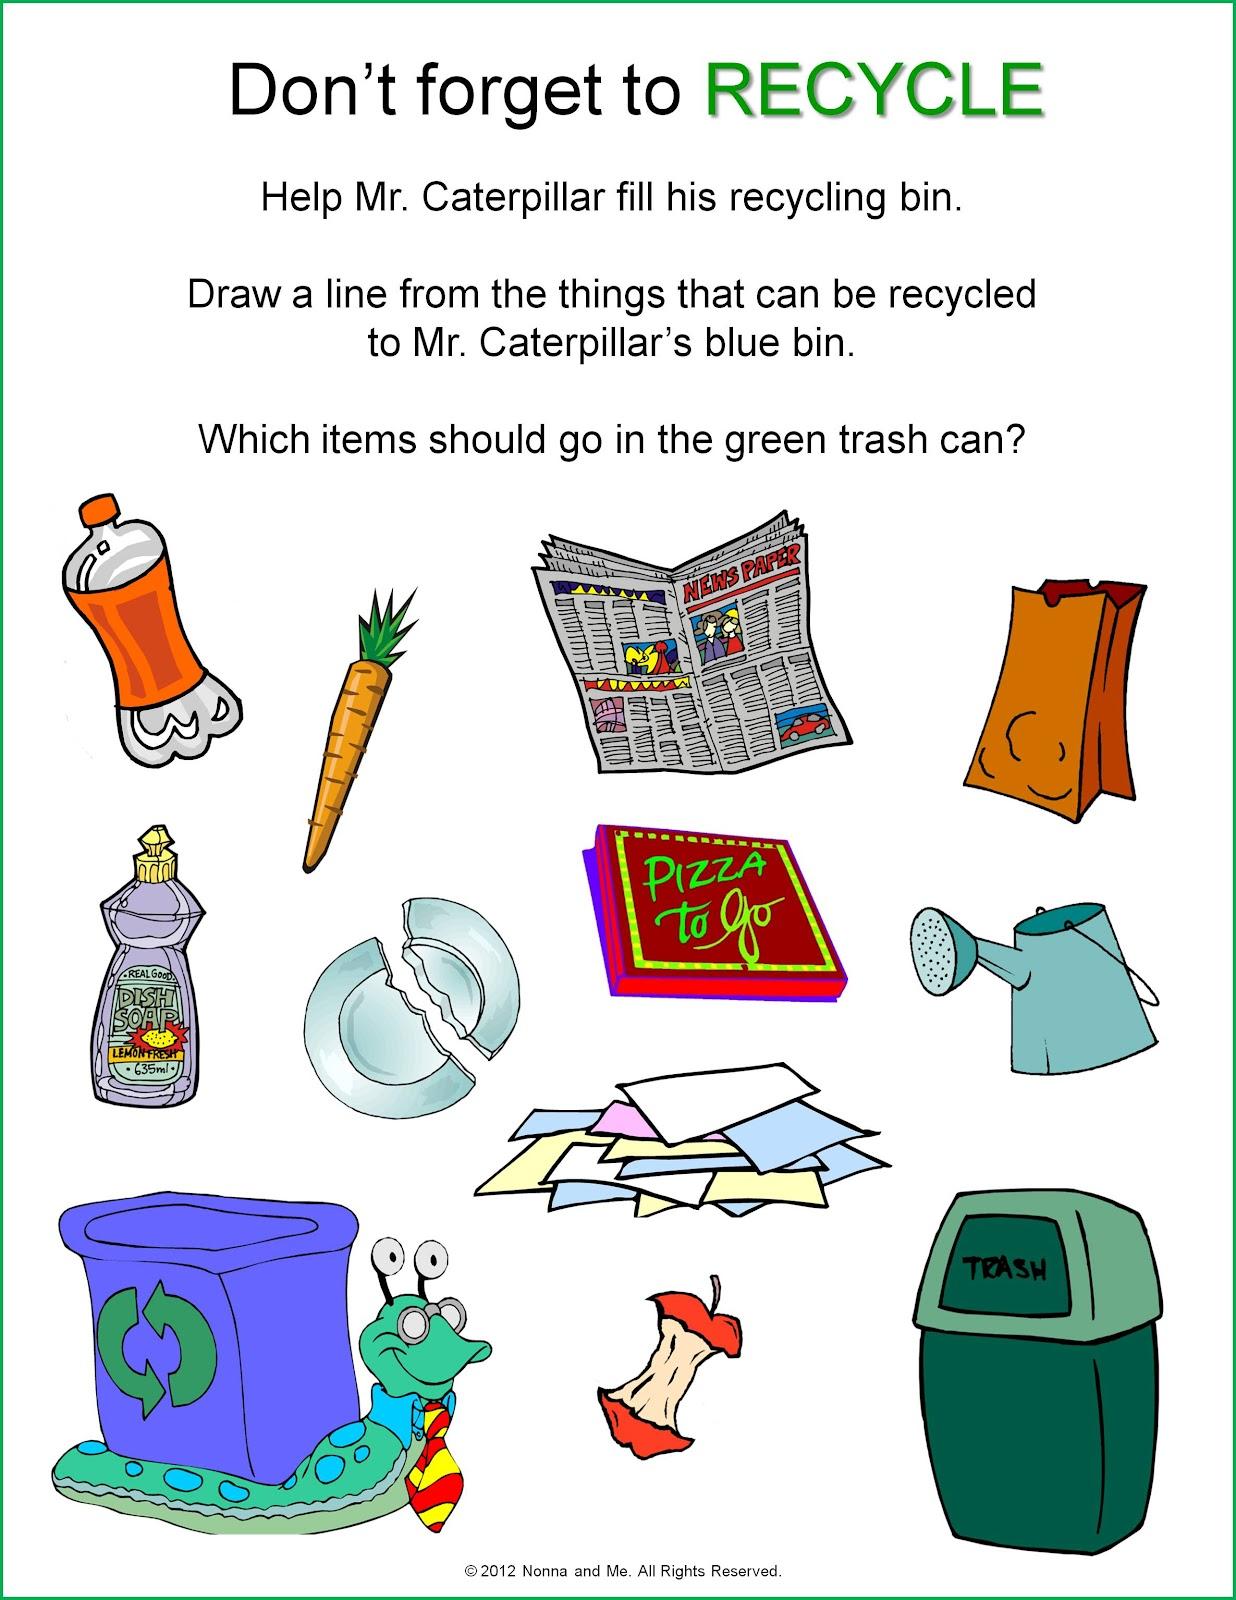 Worksheet Recycle Worksheets Thedanks Worksheet For Everyone